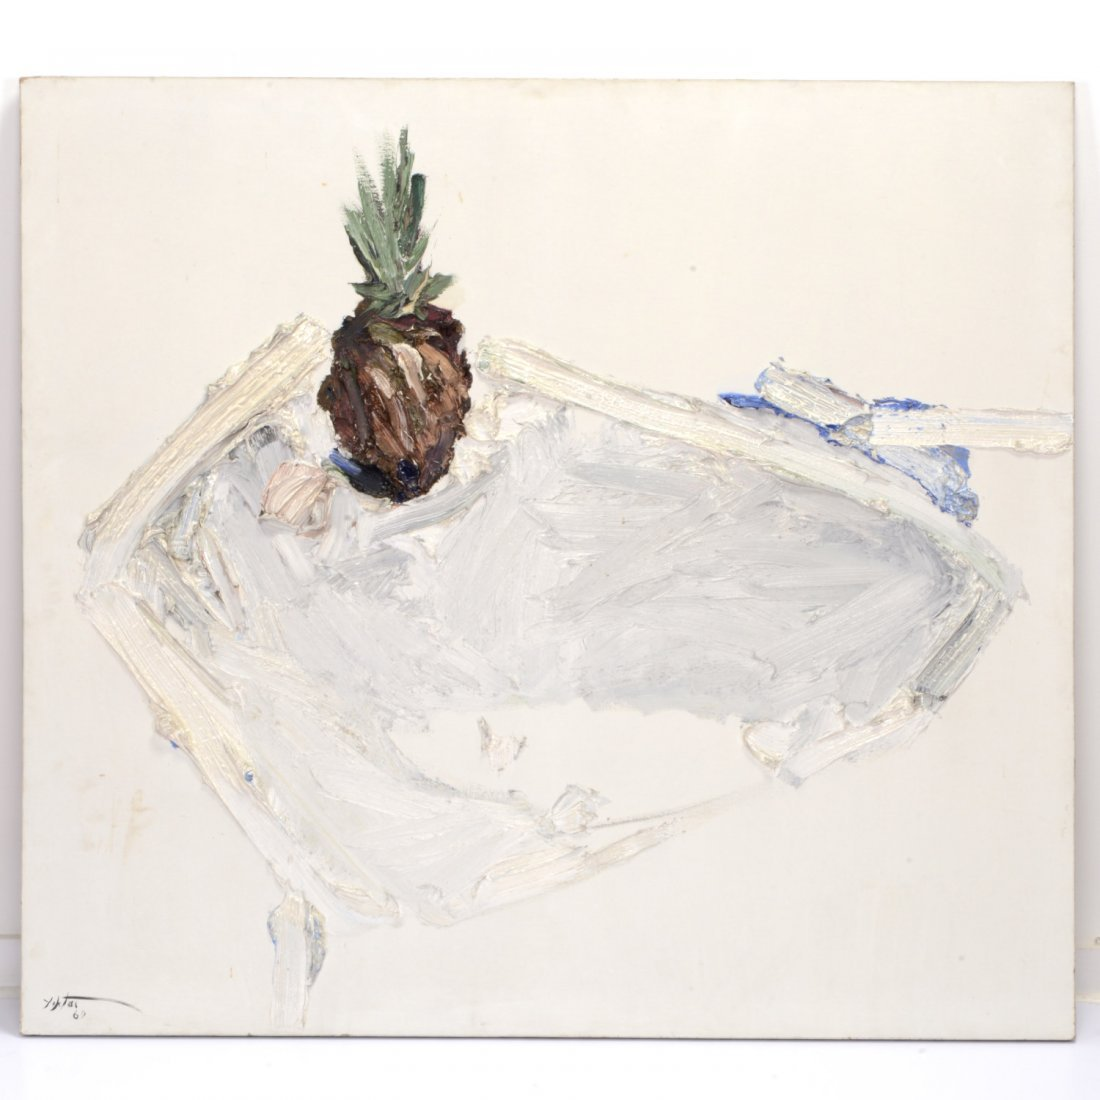 Manoucher Yektai, painting